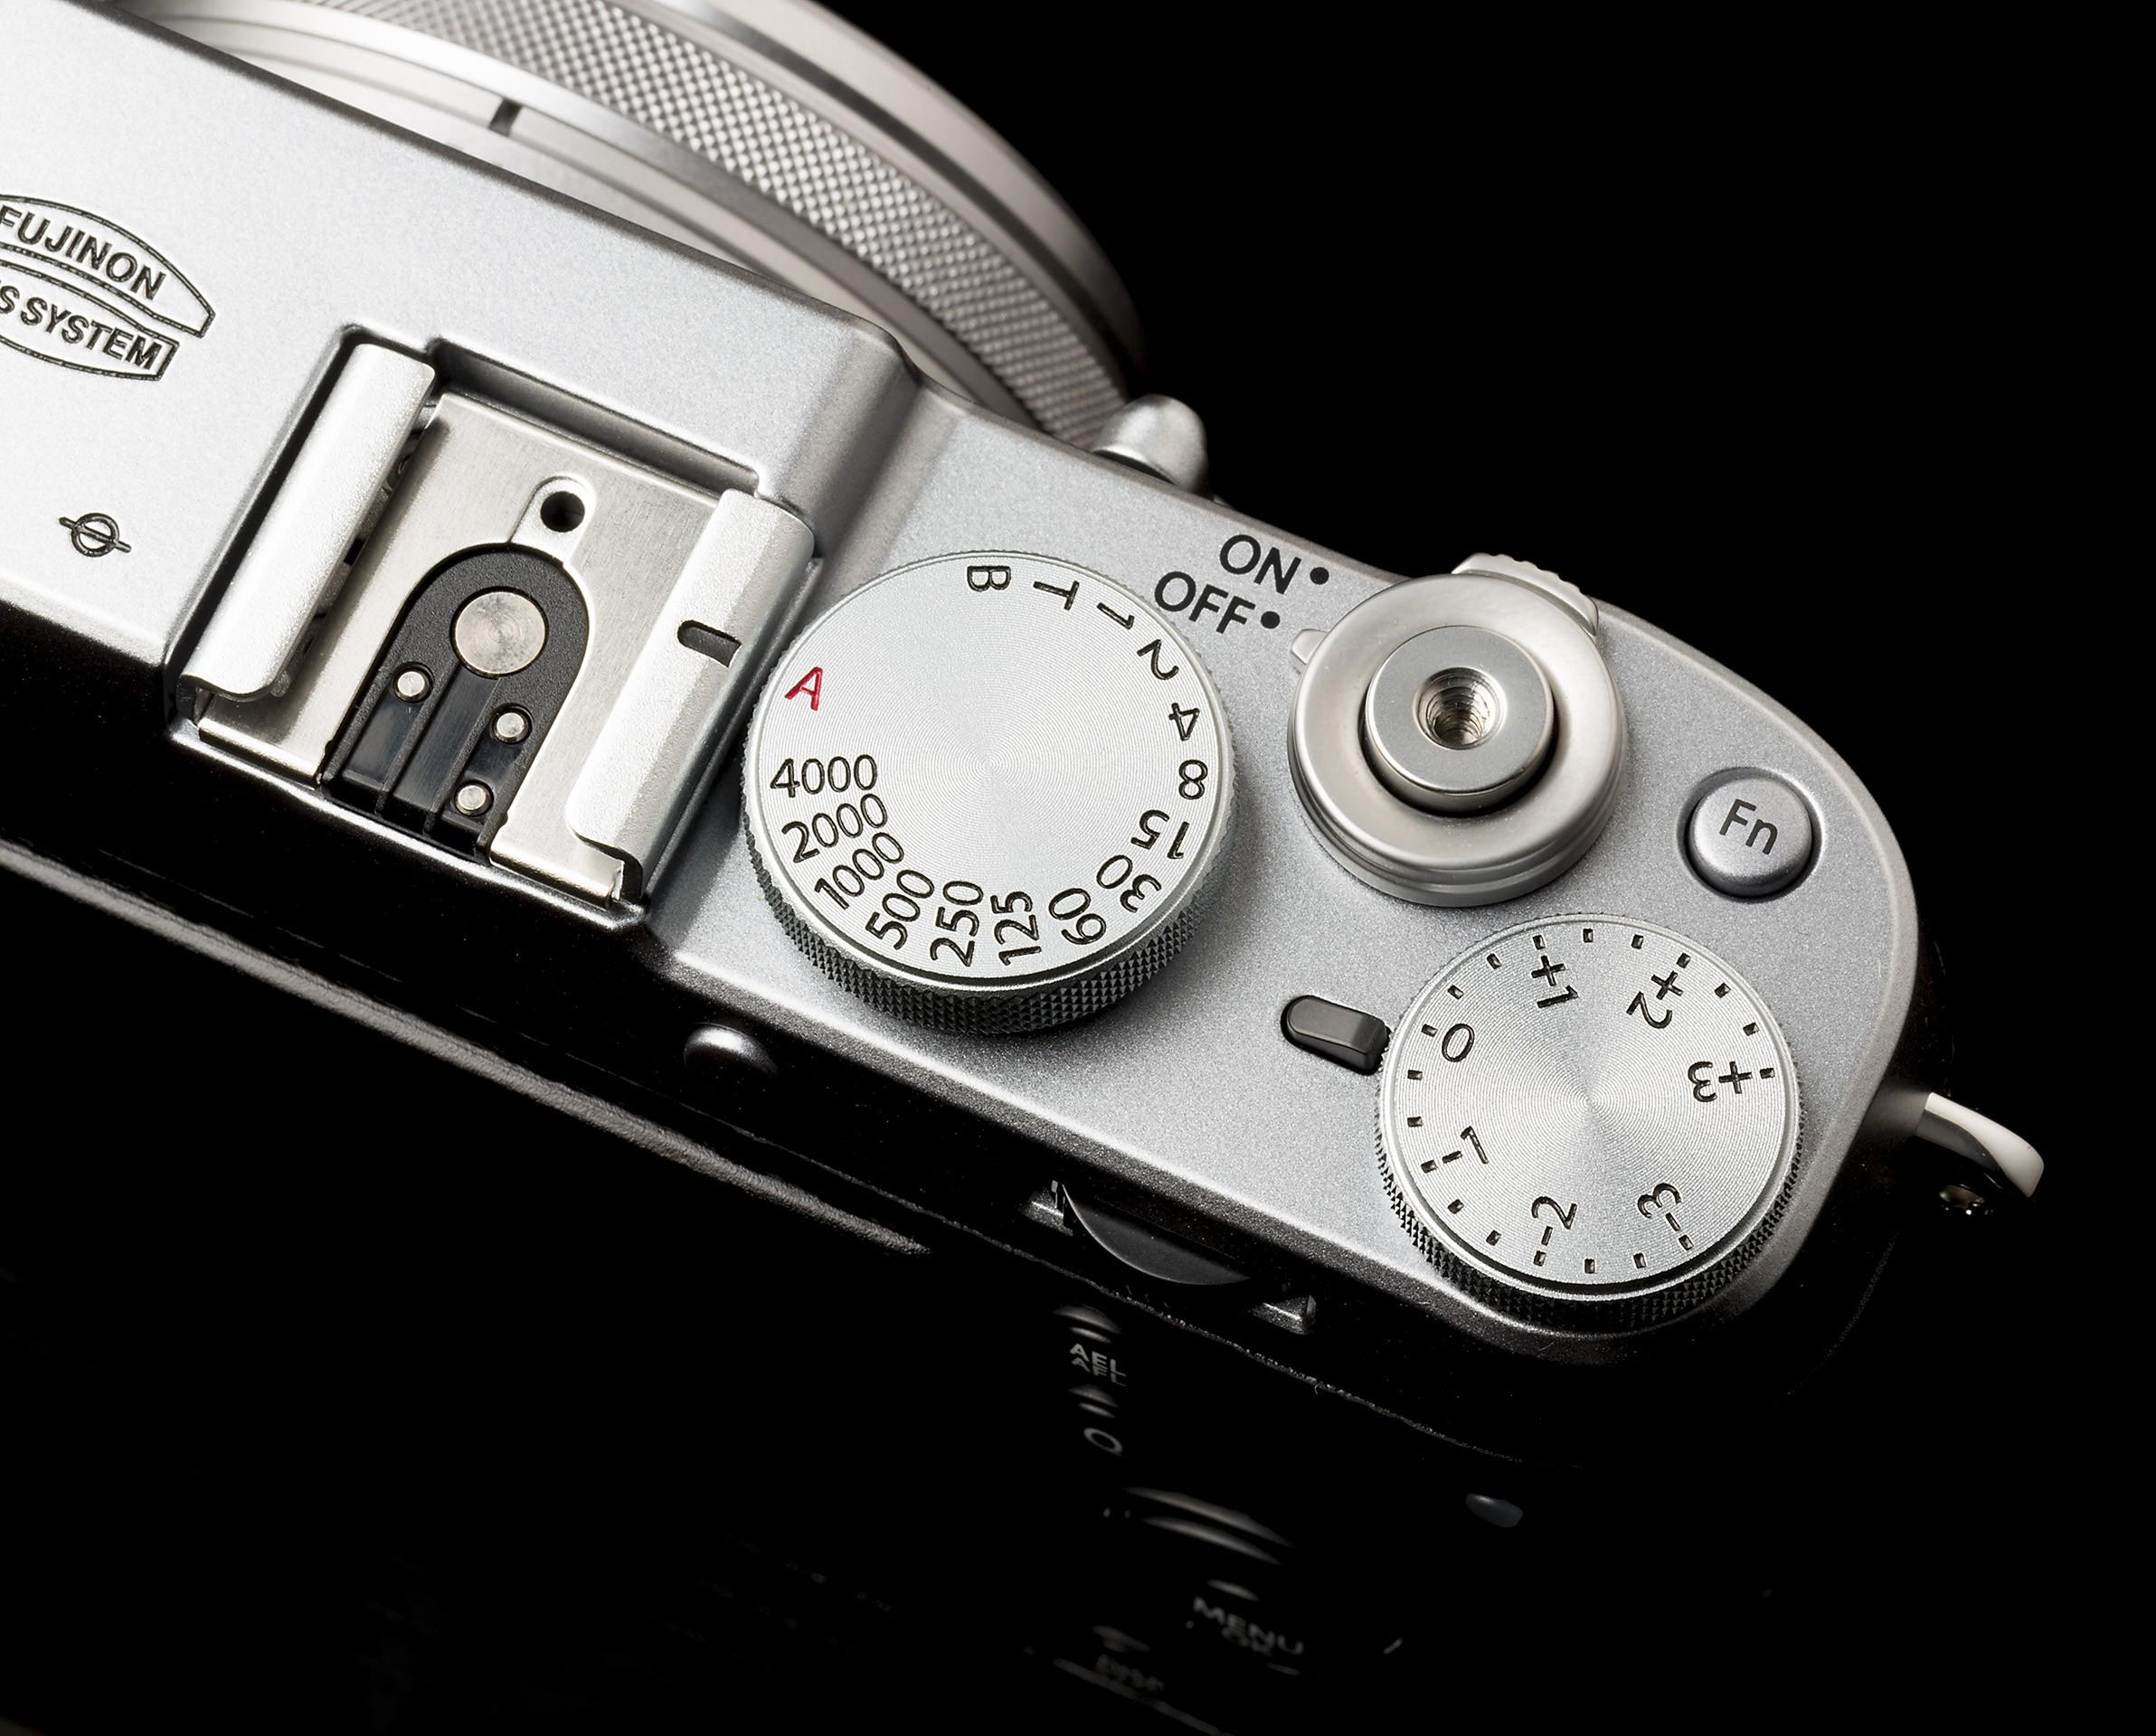 Fujifilm finepix x100t test complet appareil photo for Appareil photo fujifilm finepix s2000hd